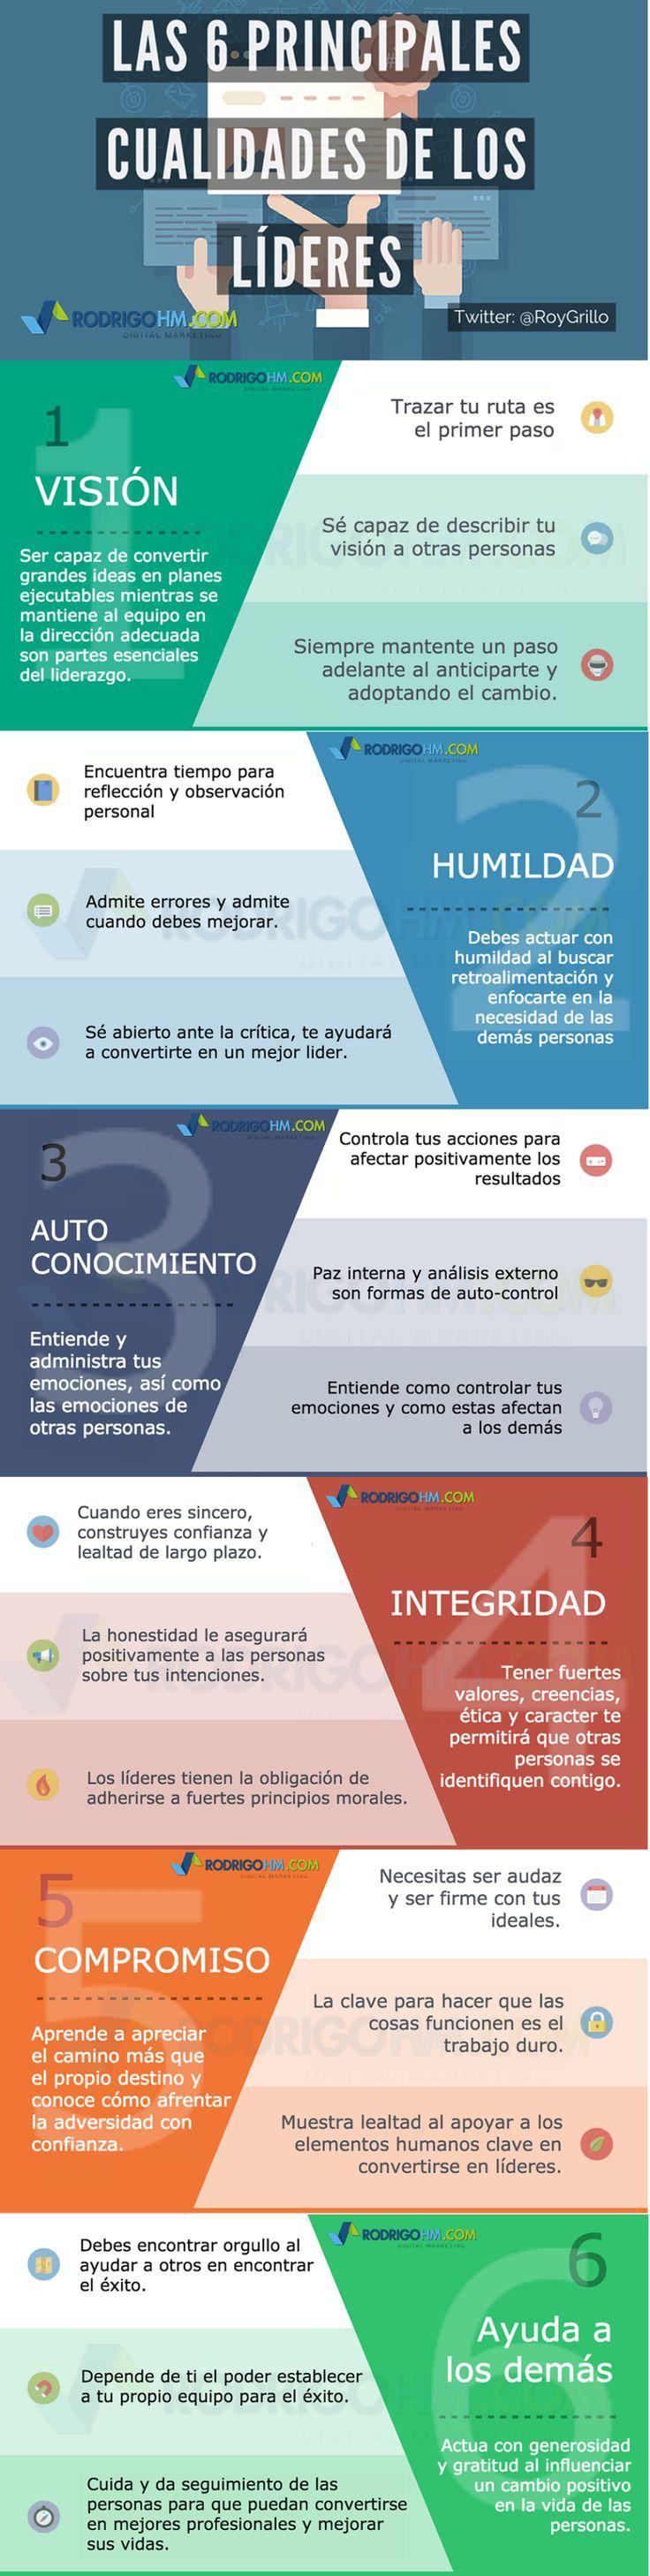 6 principales cualidades de los líderes #infografia